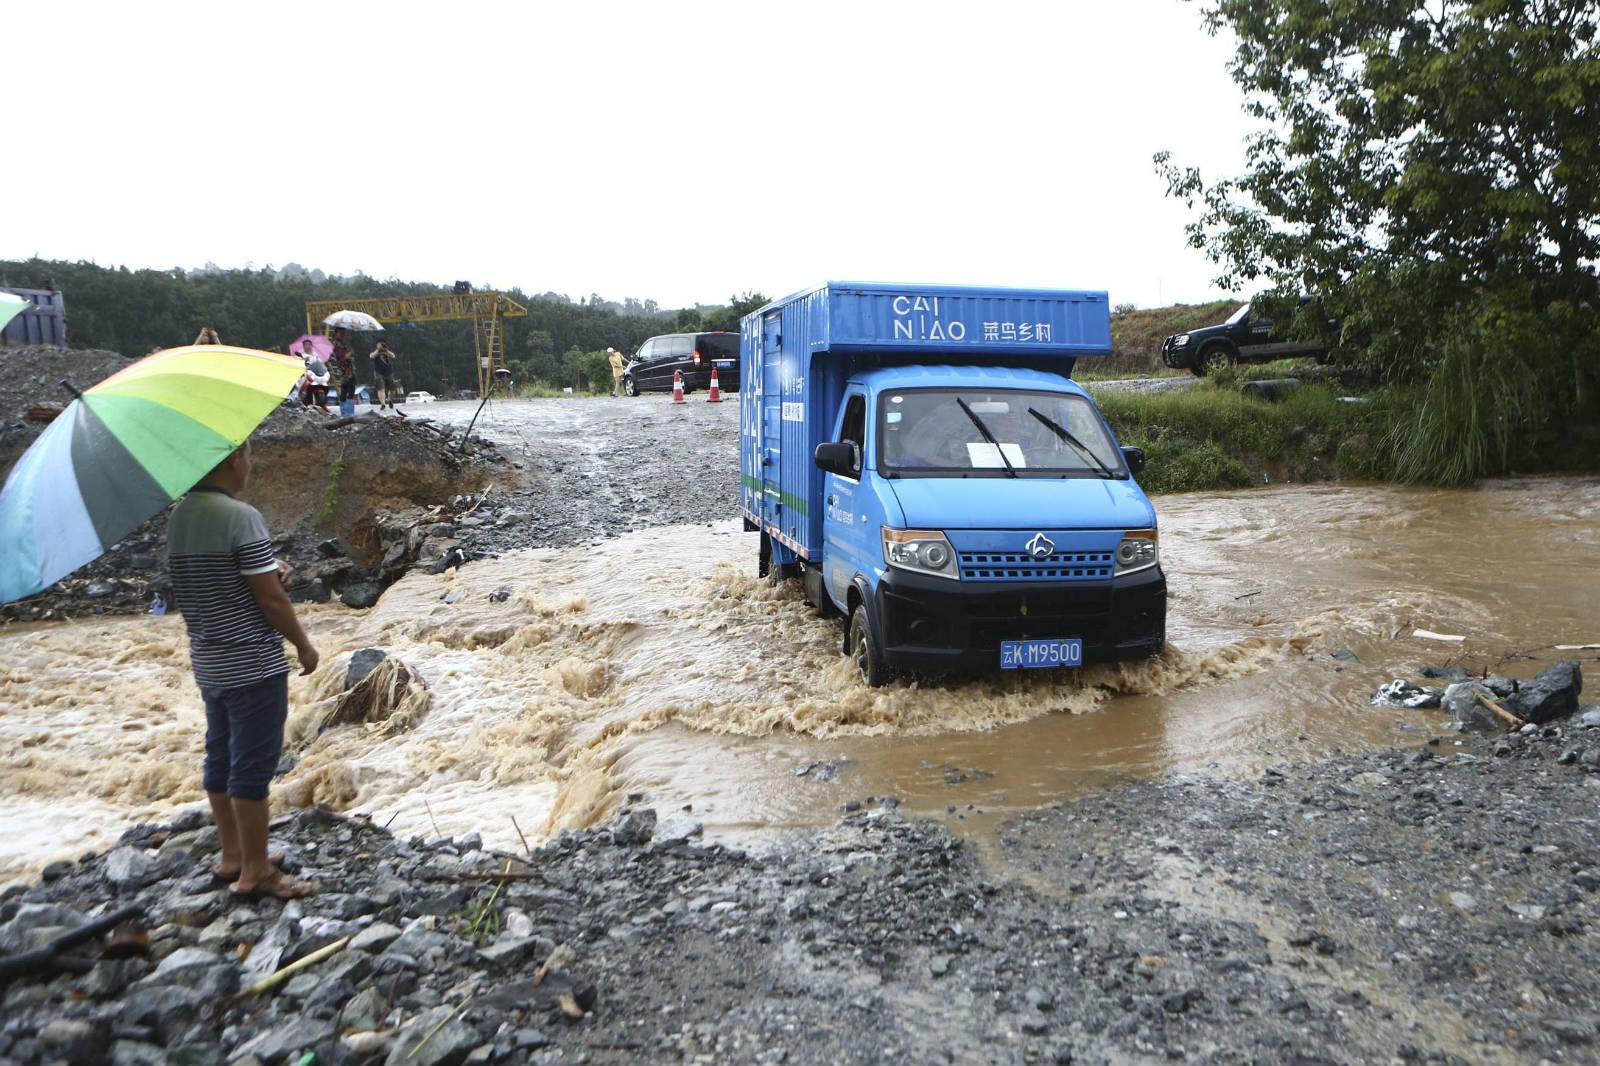 去边境的路途上遇到洪水,驾驶员就怕这样的突发事件_meitu_1